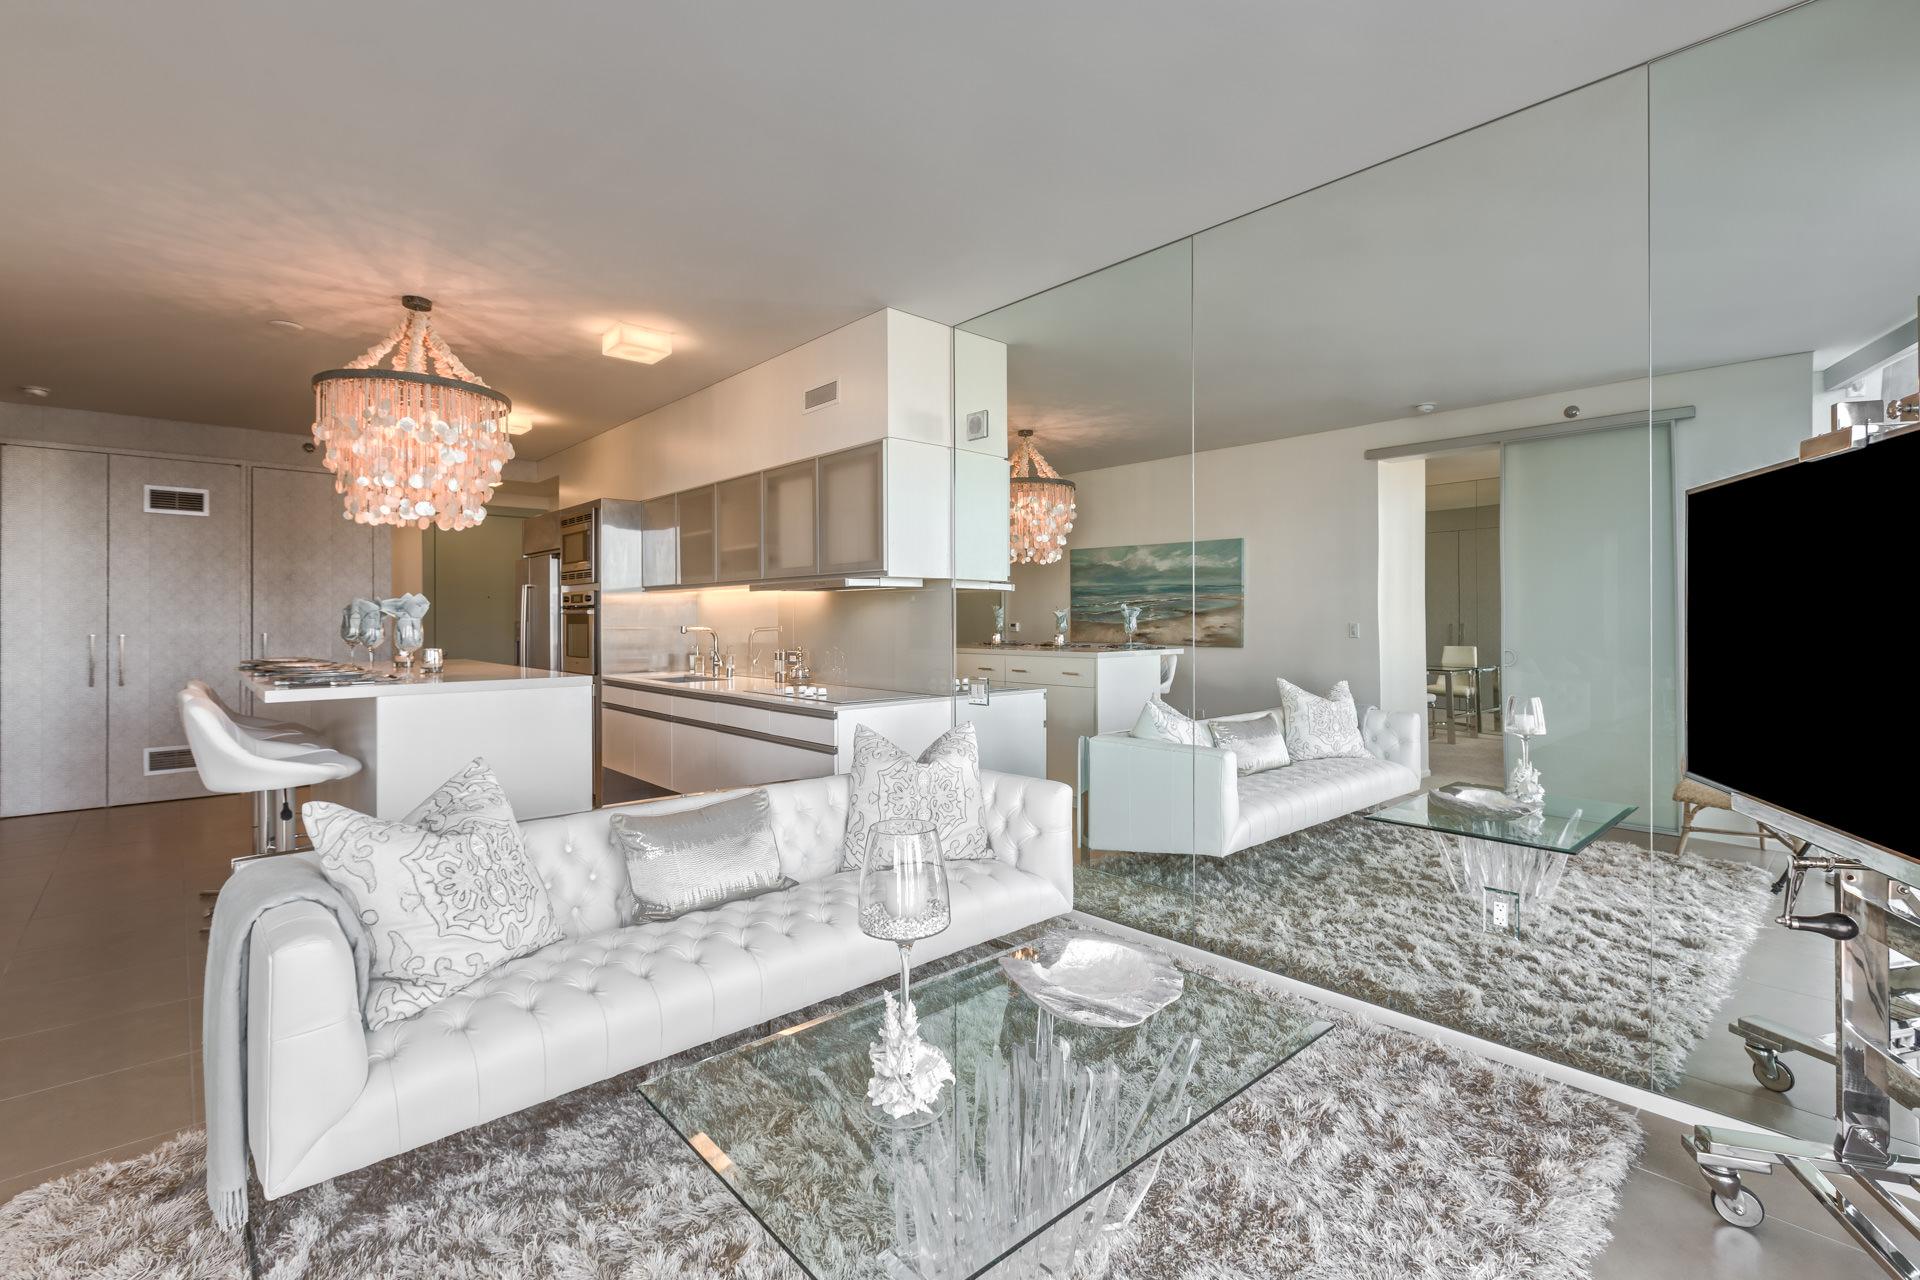 100 homes for sale 2605 new 2605 mesa dr nashville